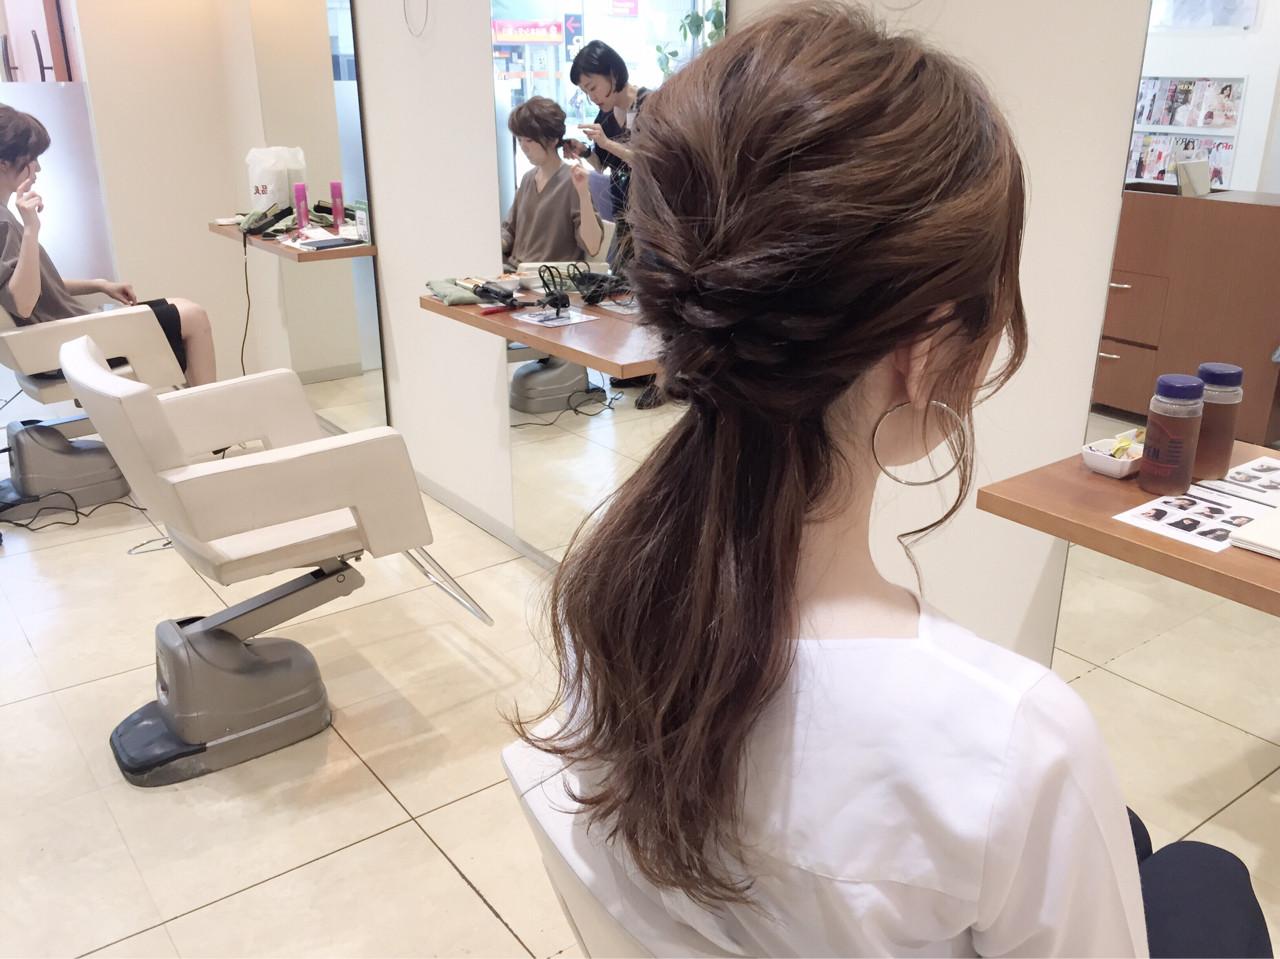 ヘアアレンジ ハーフアップ ショート 大人女子 ヘアスタイルや髪型の写真・画像